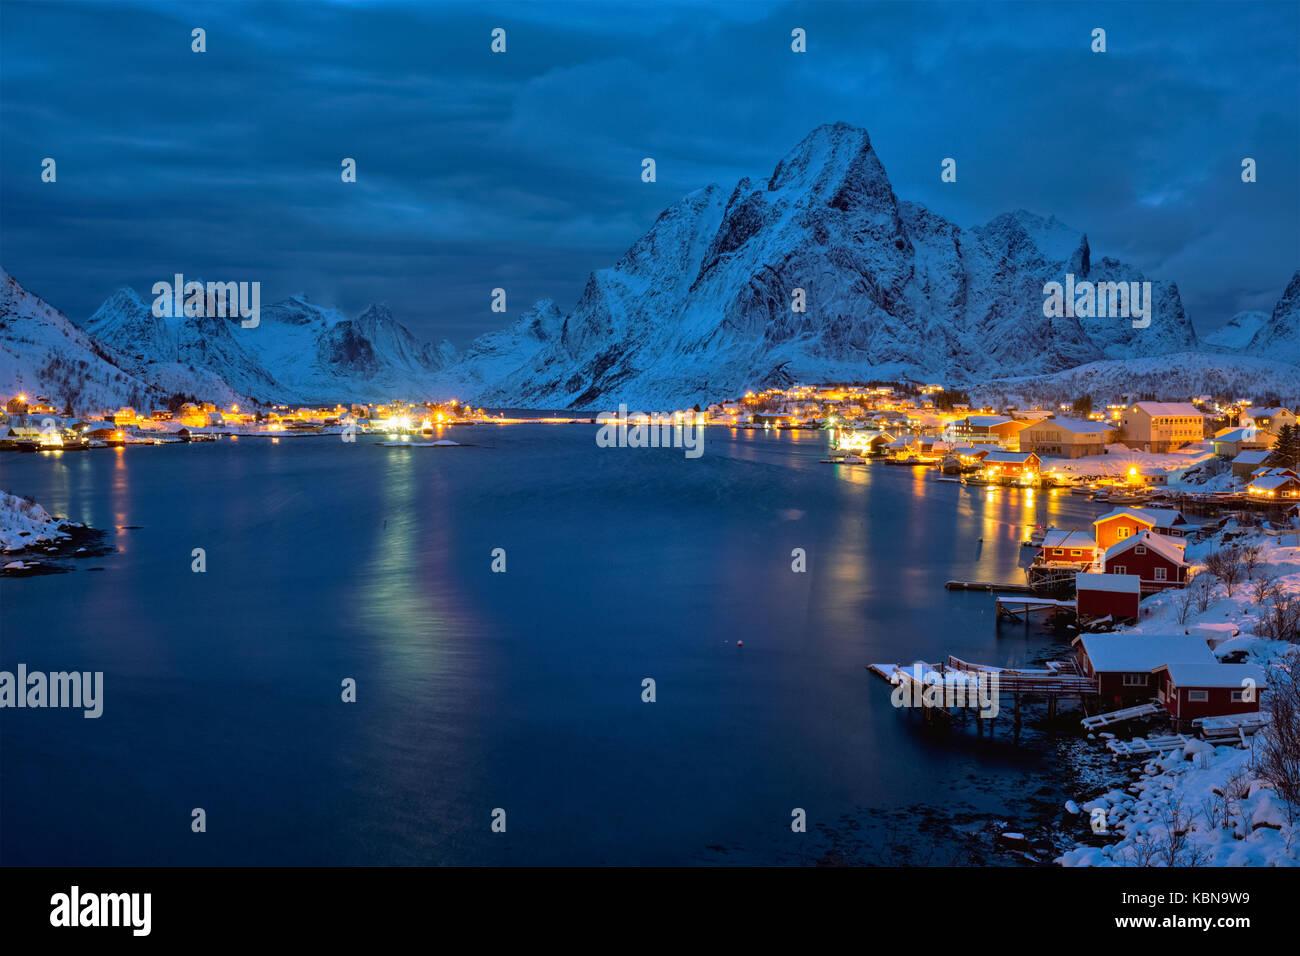 Reine village di notte. isole Lofoten in Norvegia Immagini Stock